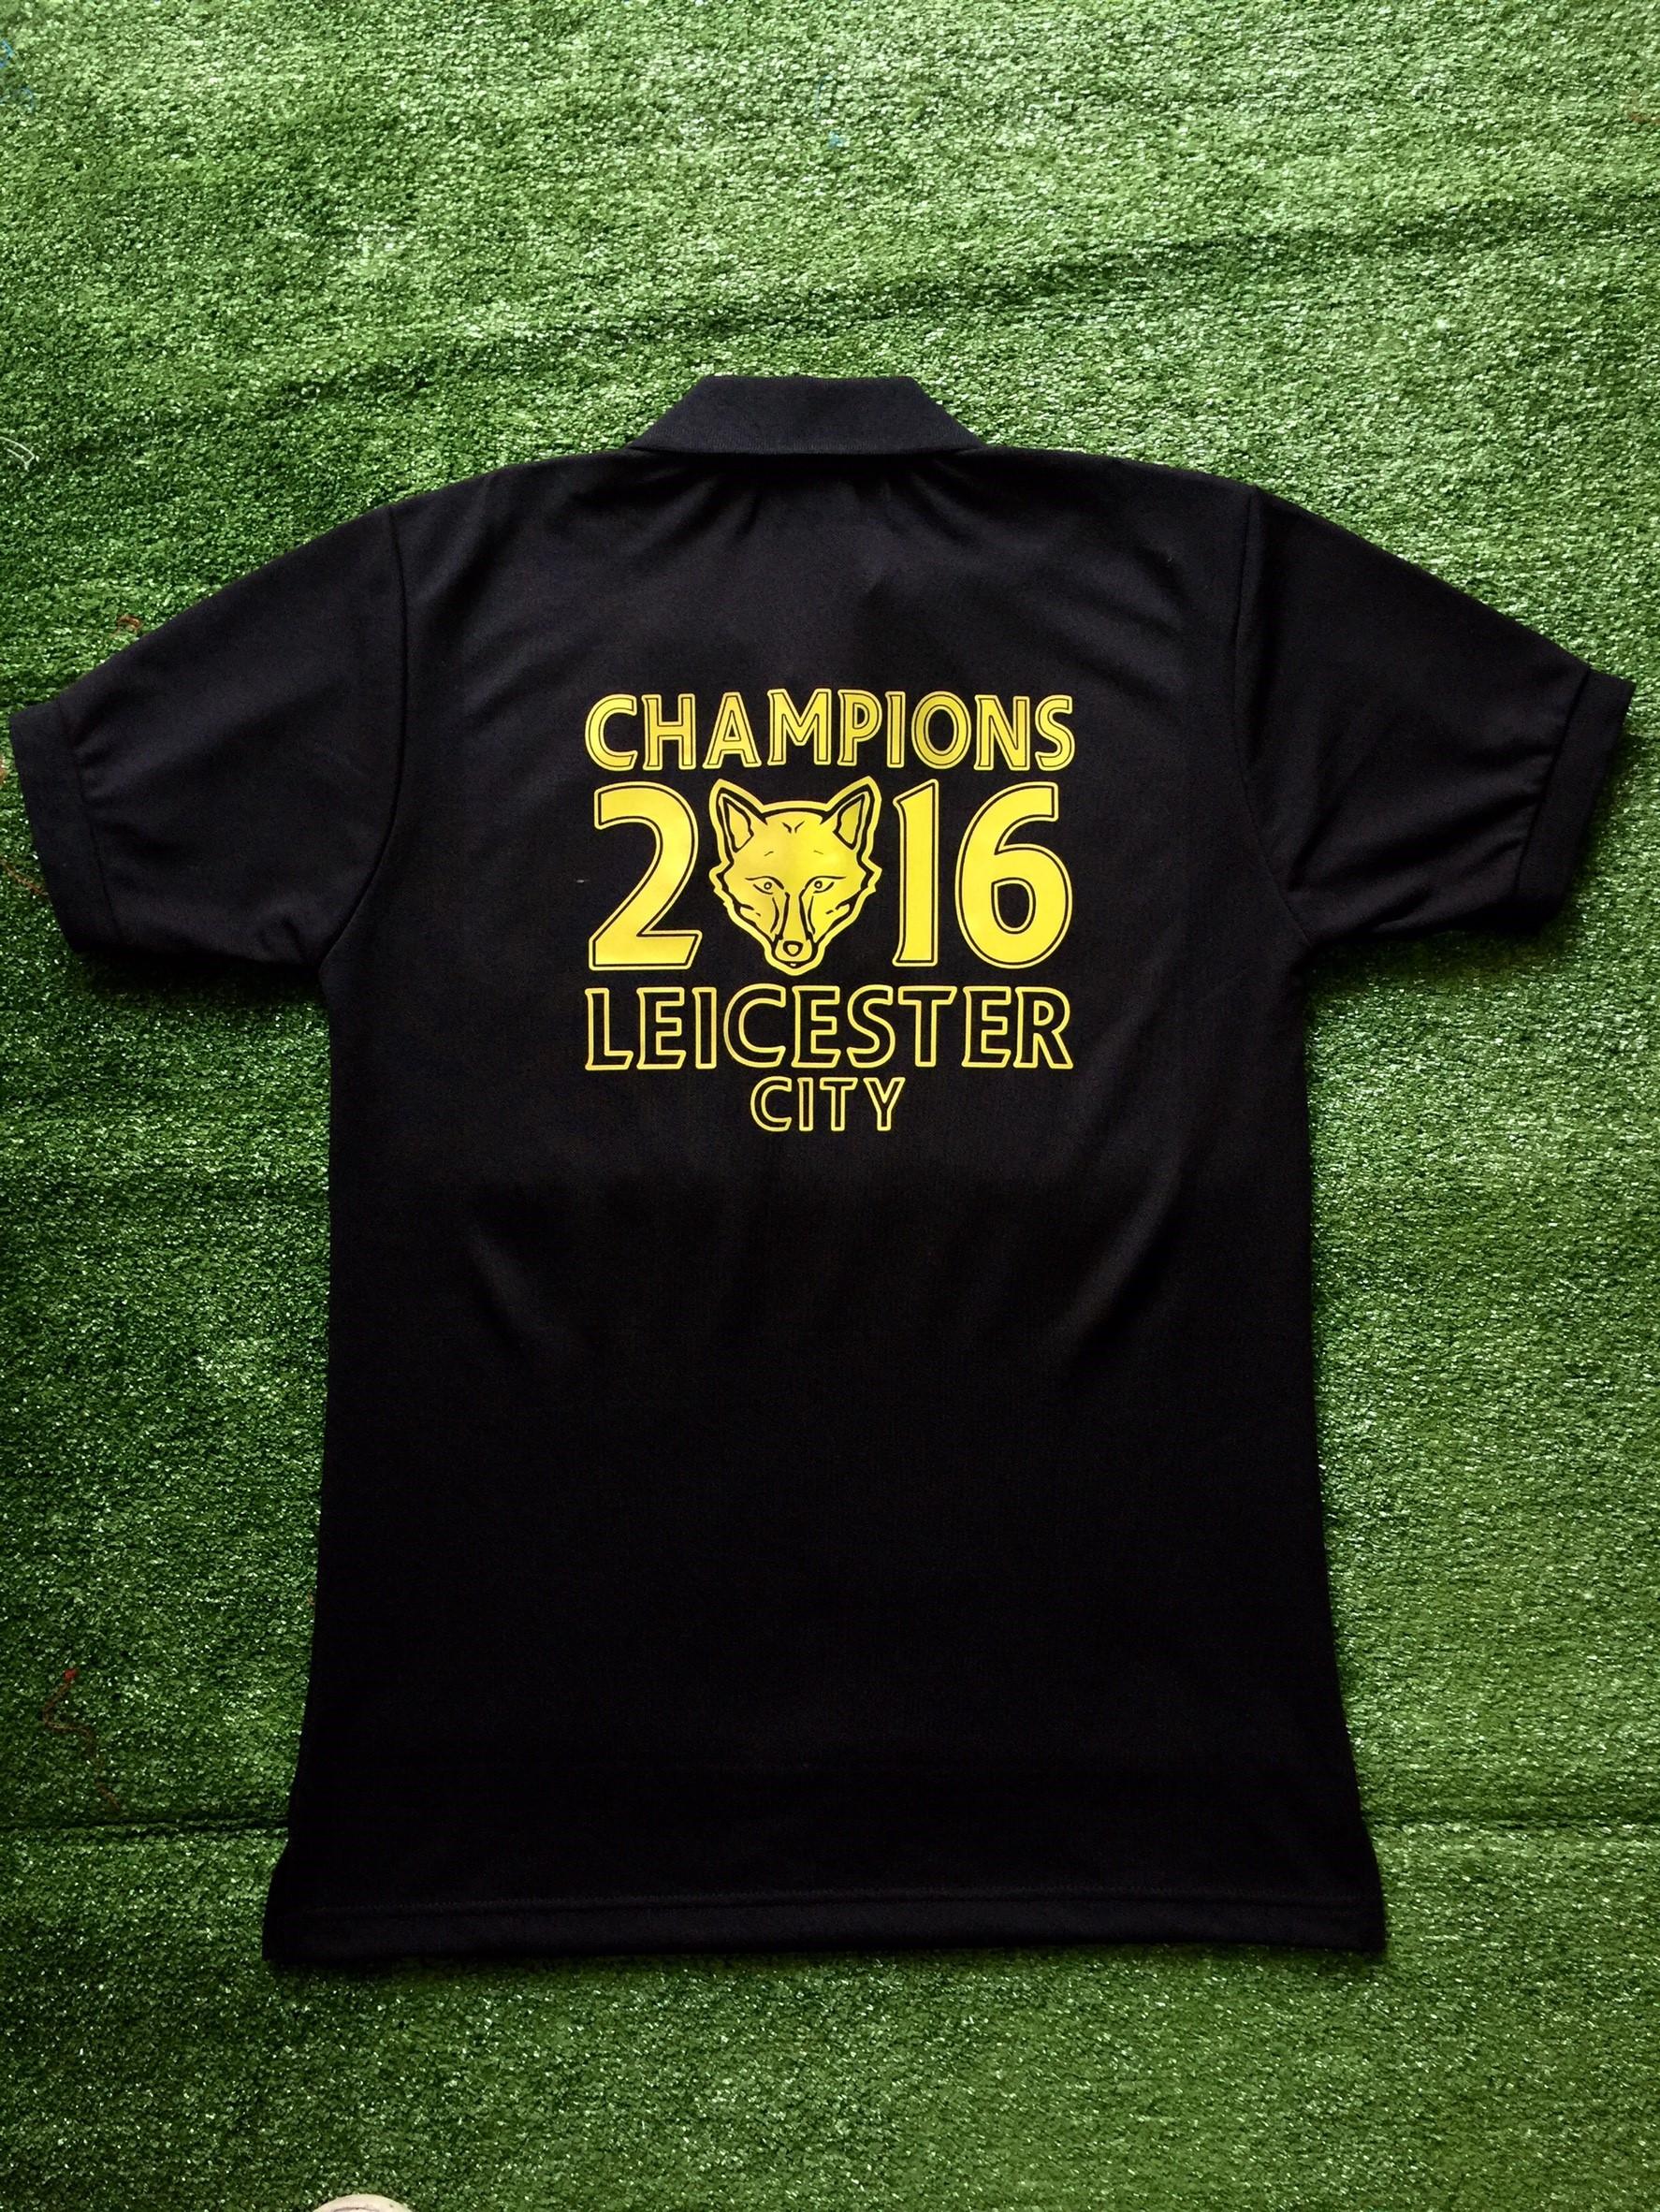 เสื้อโปโล เลสเตอร์ซิตี ลาย จิ้งจอกสยามคว้าแชมป์พรีเมียร์ลีก 2016 สีดำ L9P-2016B